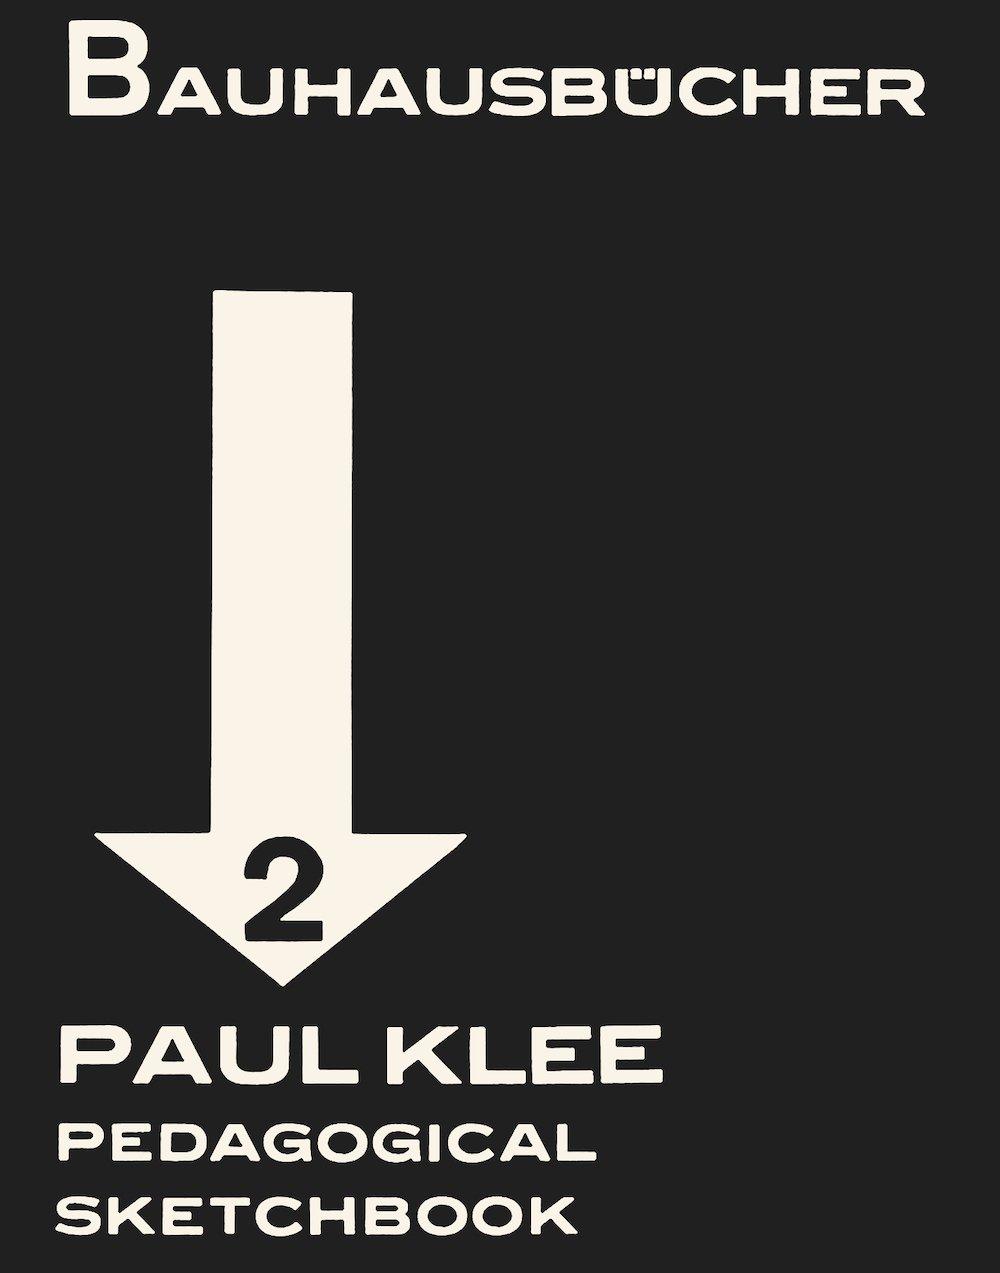 Pedagogical Sketchbook, Paul Klee by Lars Müller Publishers © Lars Müller